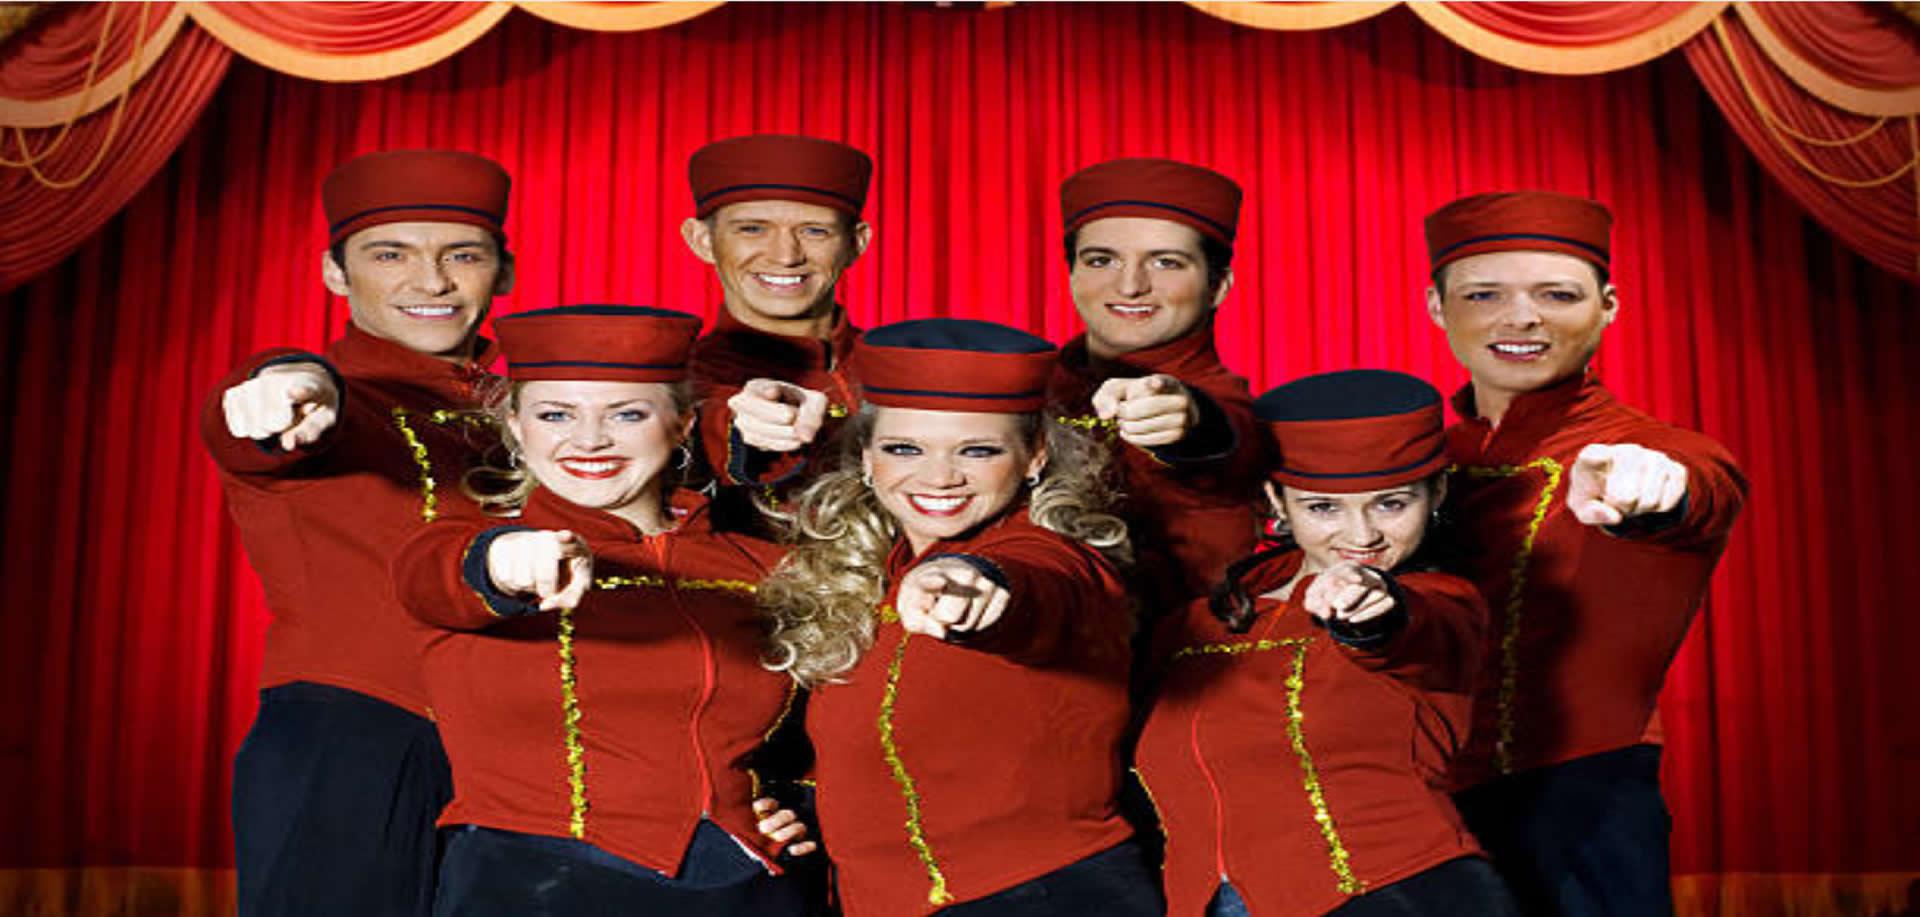 imagen principal de peliculas y series de tv